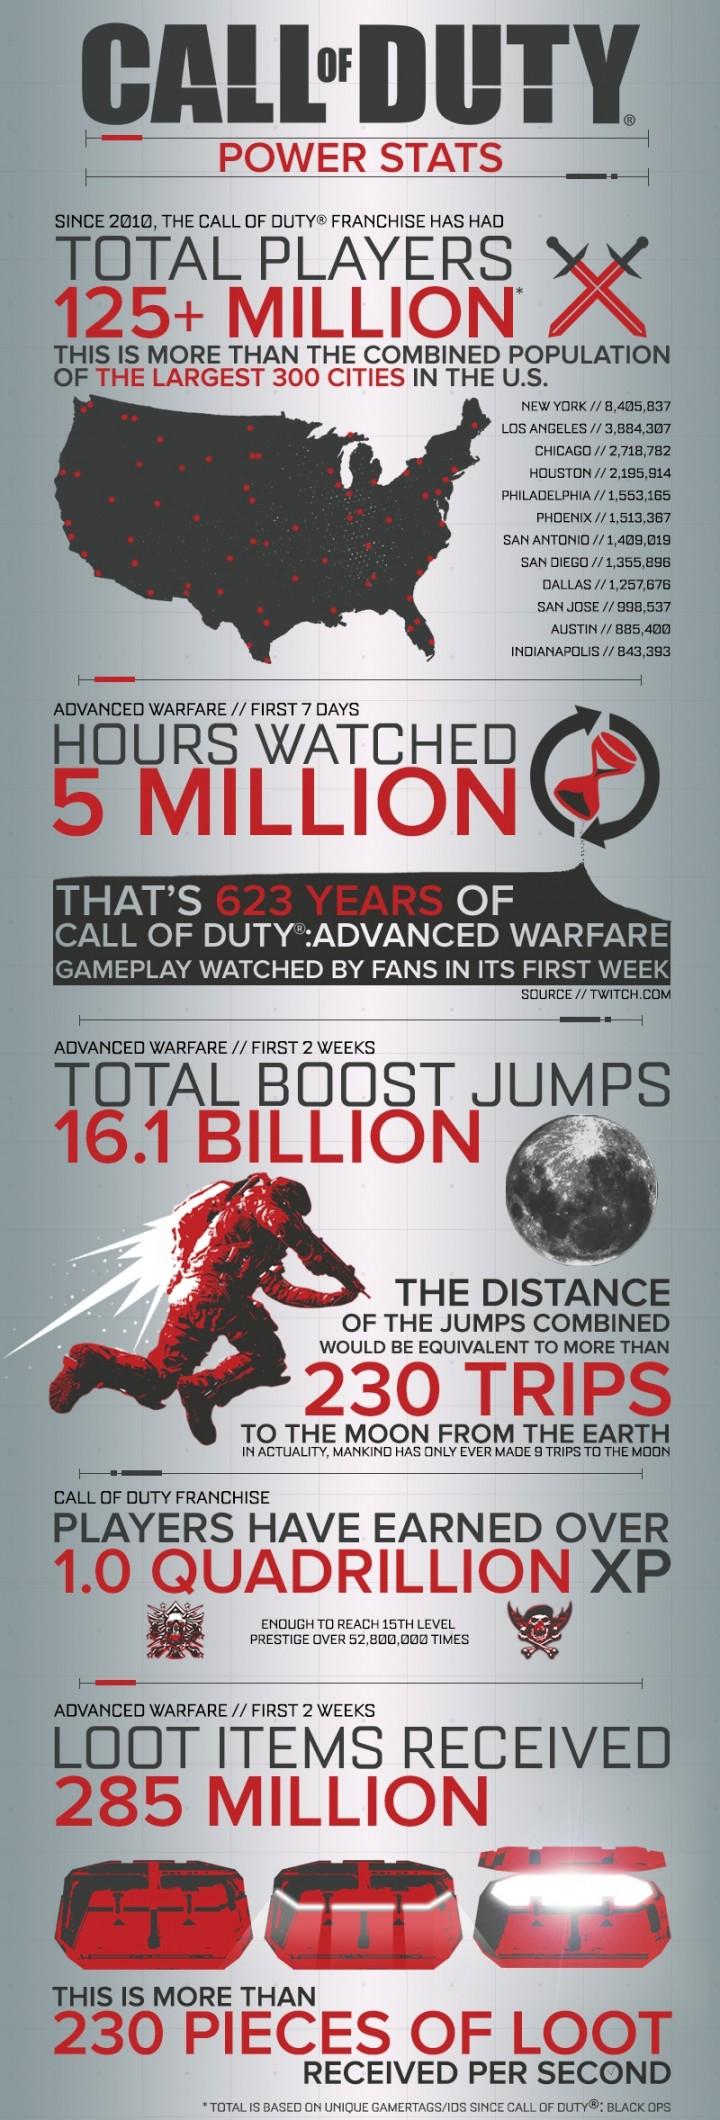 CoD_2014_Infographic